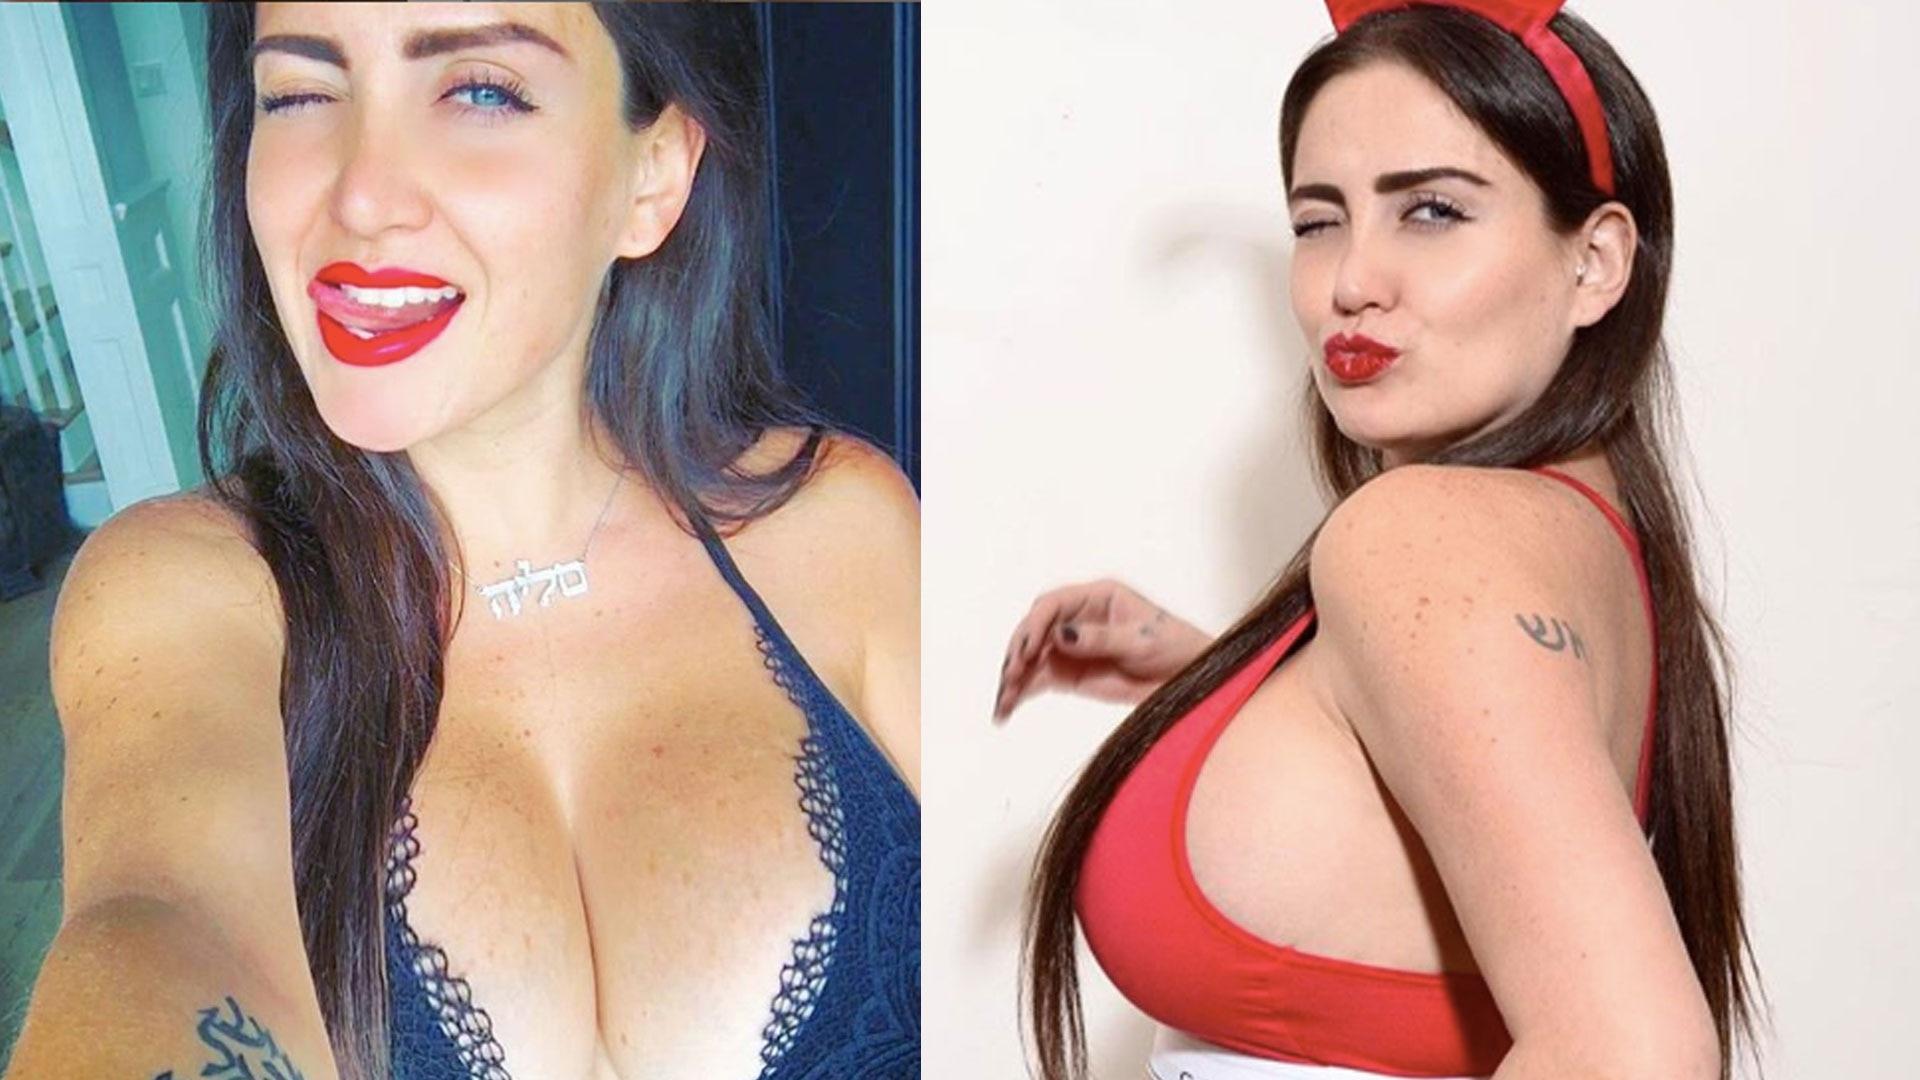 Mejor Playmate Del Mundo Porno celia lora, la actriz favorita de los mexicanos al ver